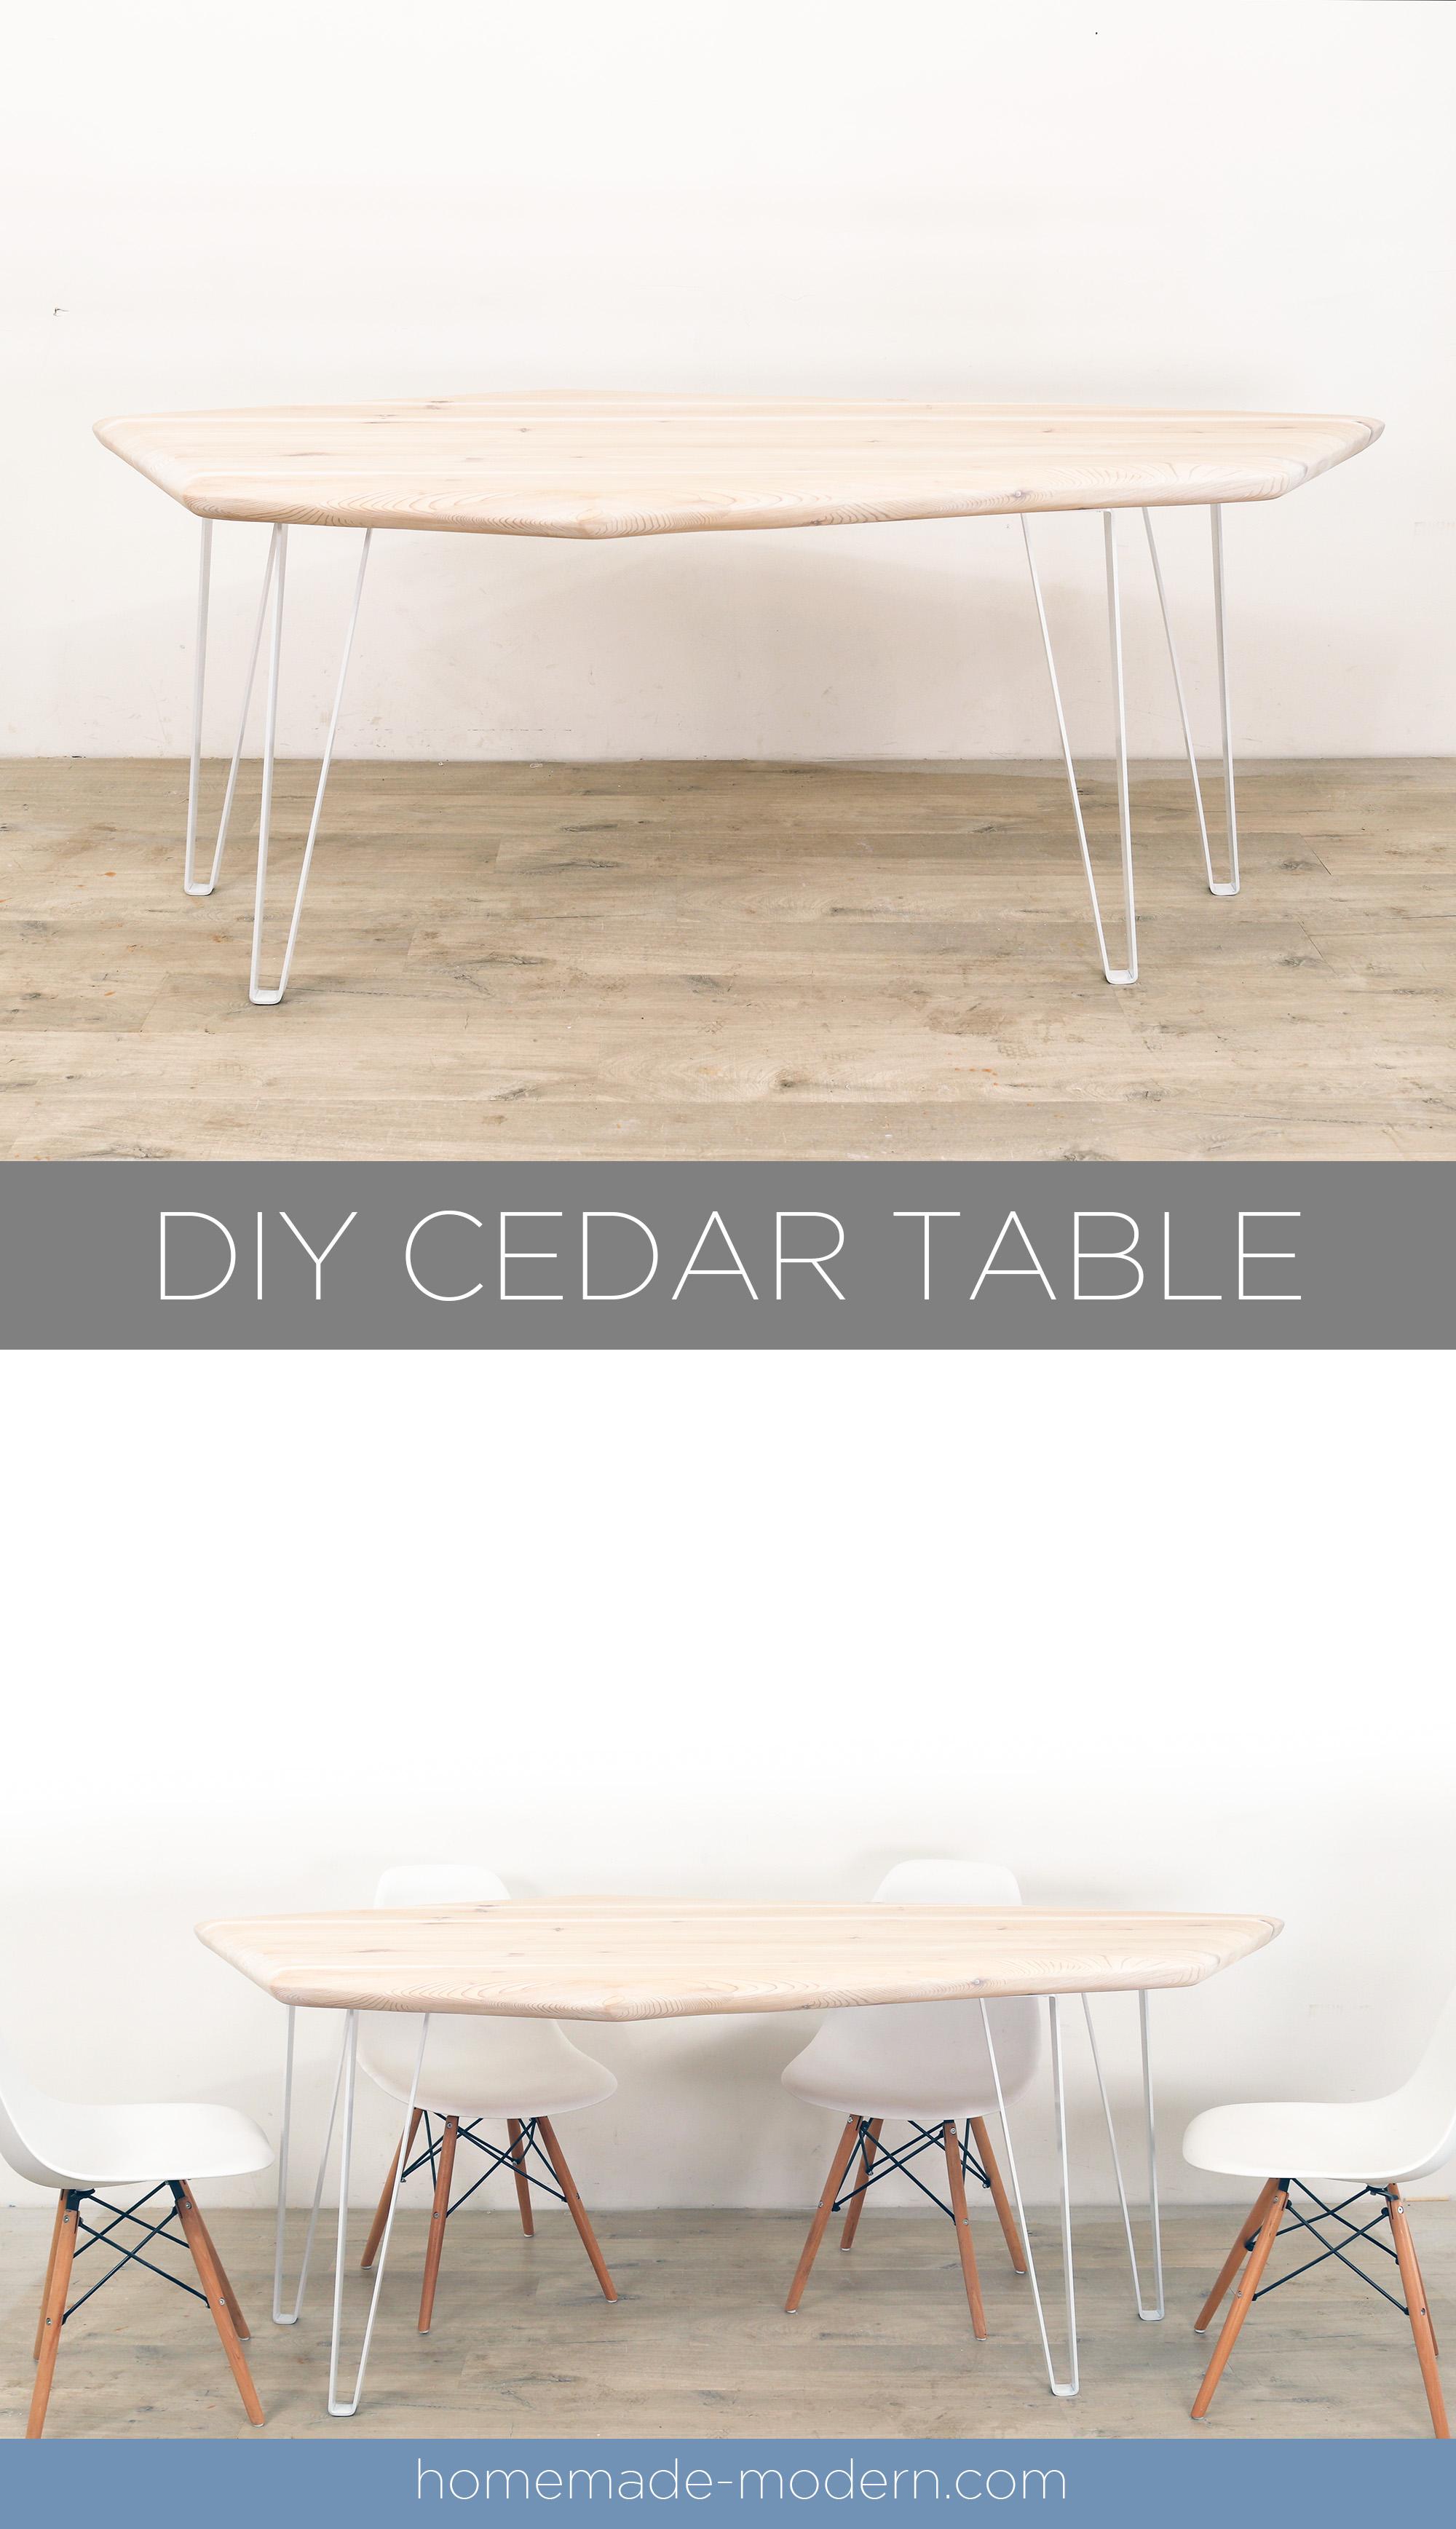 http://www.homemade-modern.com/wp-content/uploads/2019/03/cedartable-banner.jpg